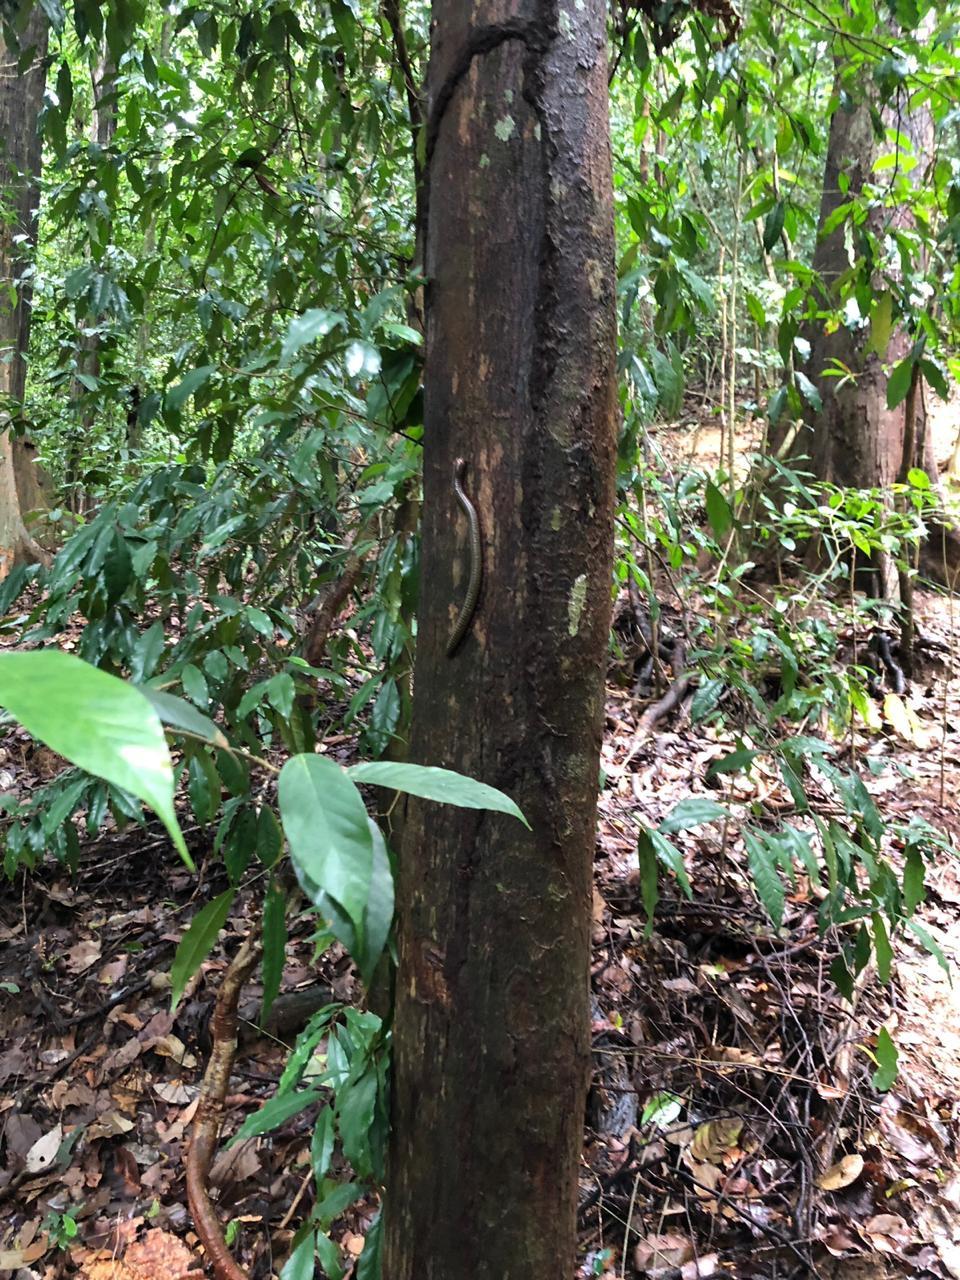 Friends in the jungle, the millepede.